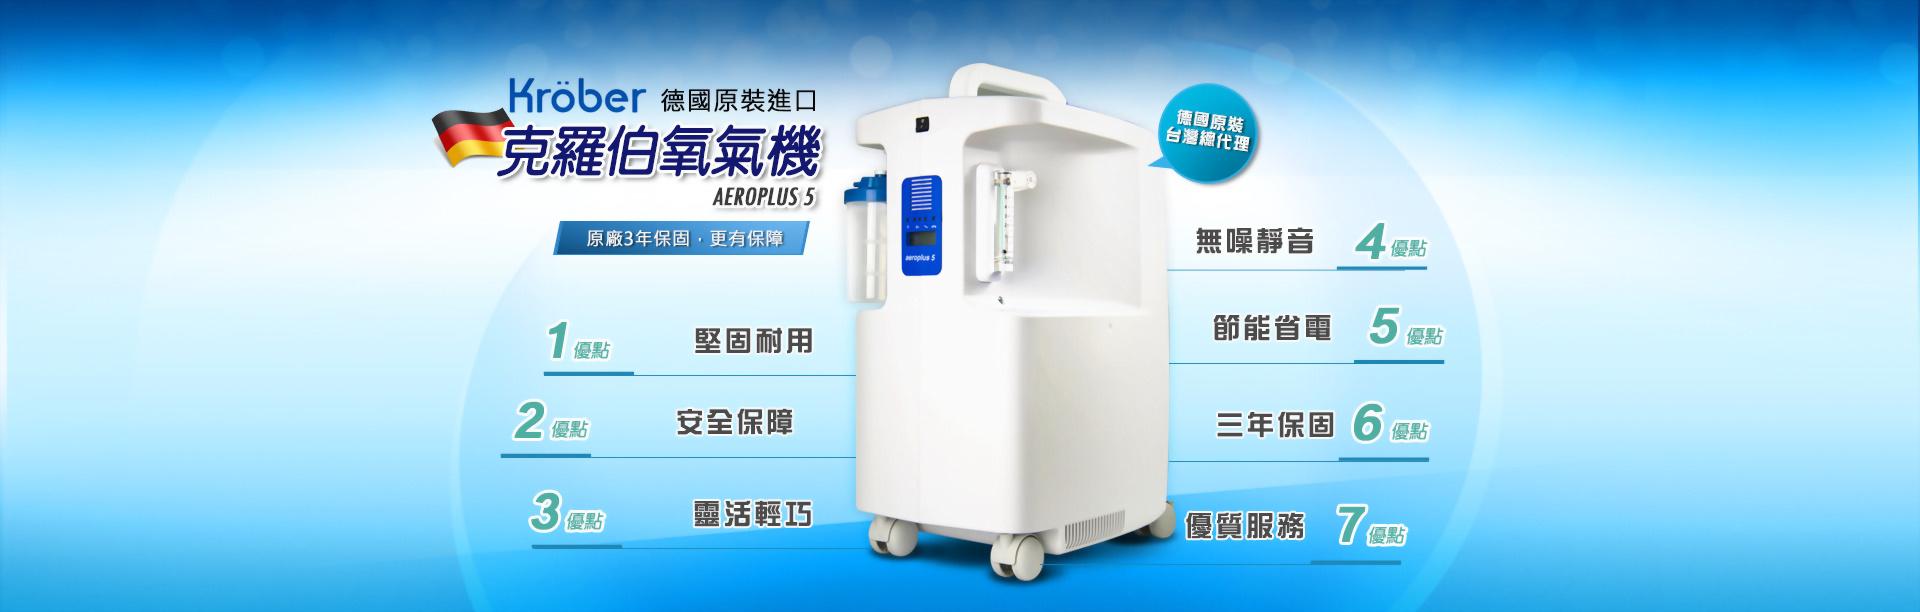 旺鴻醫療 克羅伯氧氣機